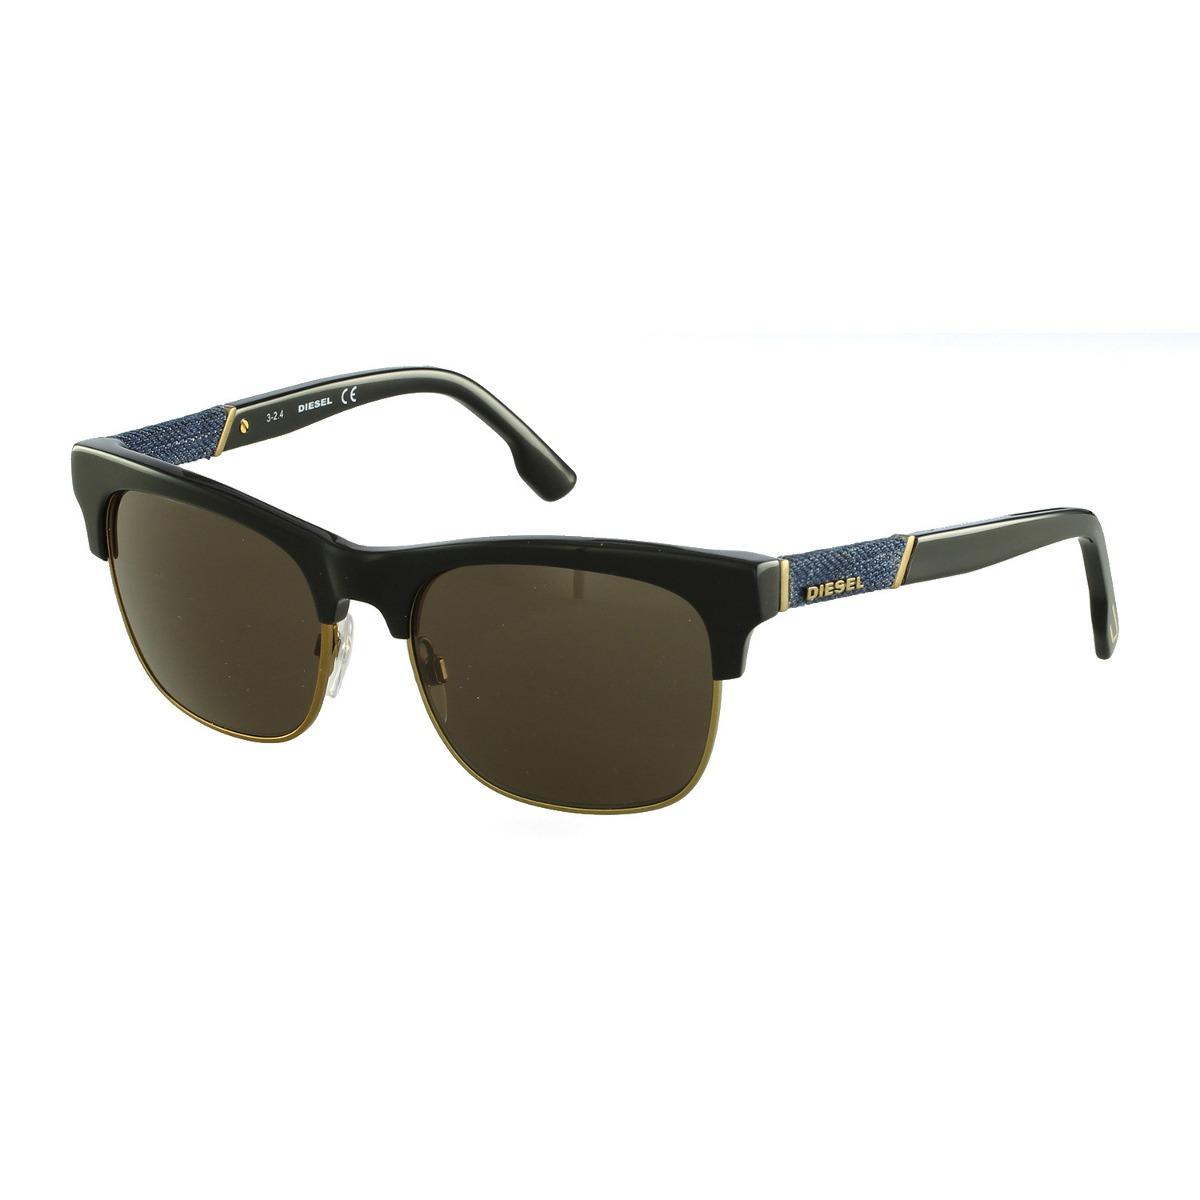 a34063dd93269 Óculos De Sol Diesel Casual Preto Dl0118 5401j - R  550,00 em ...